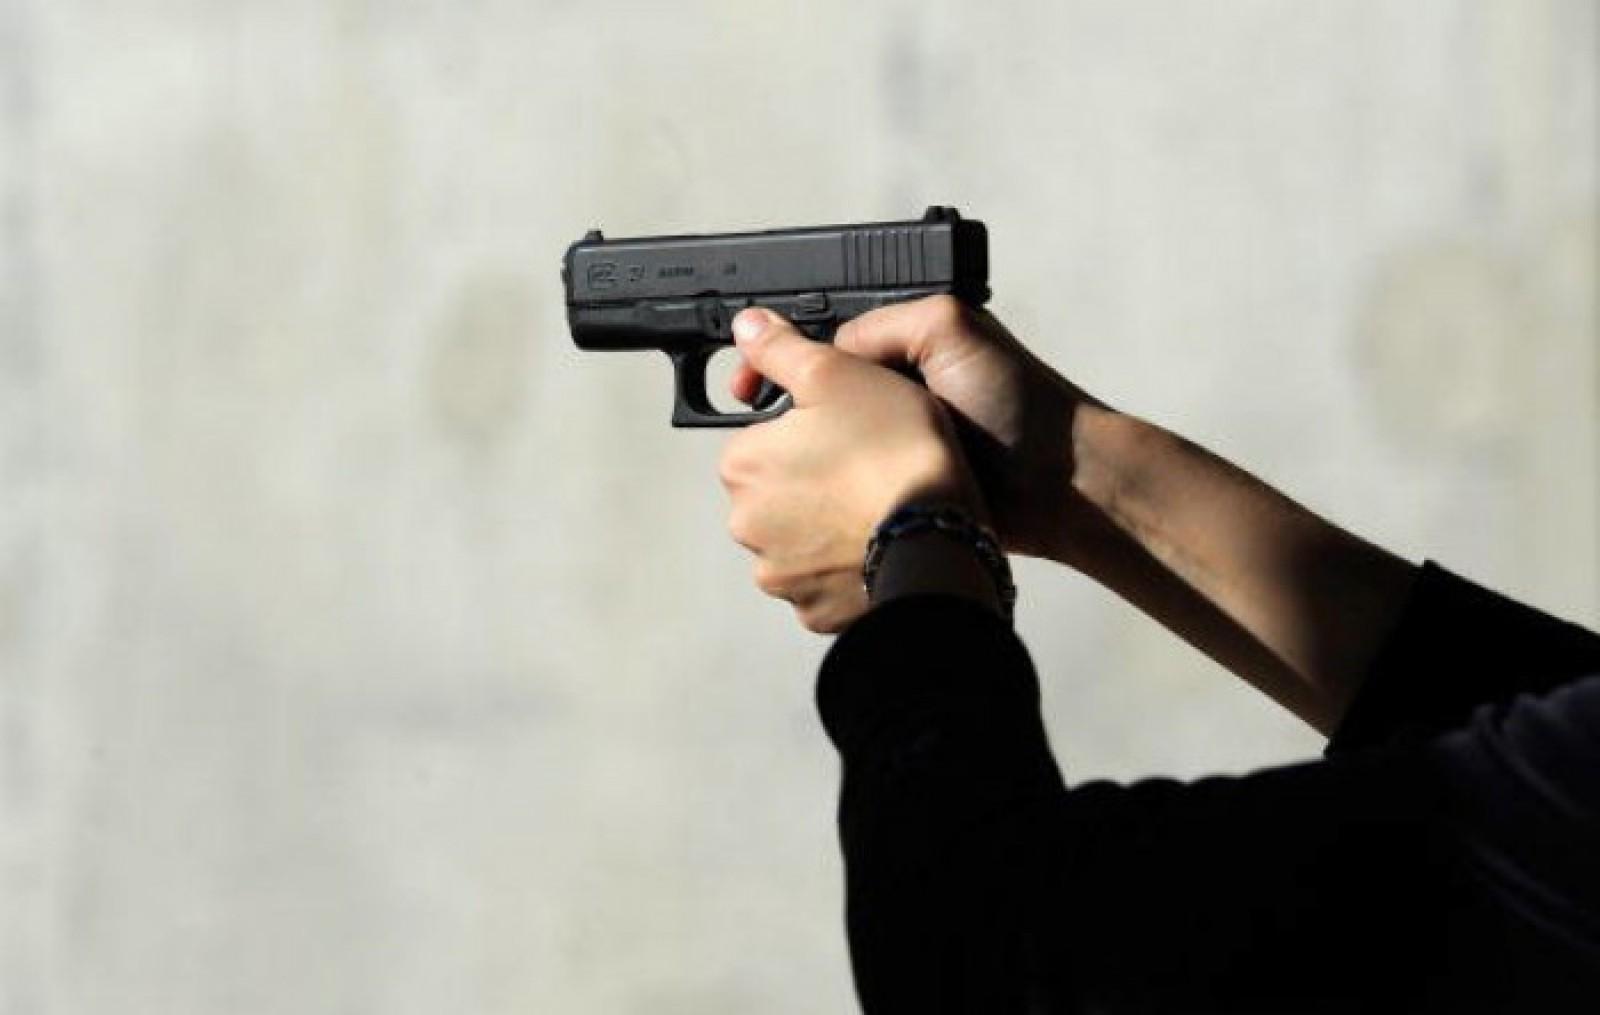 Noi detalii despre elevul împușcat într-un liceu din Drochia: A fost adus la Chișinău pentru a-i scoate glonțul